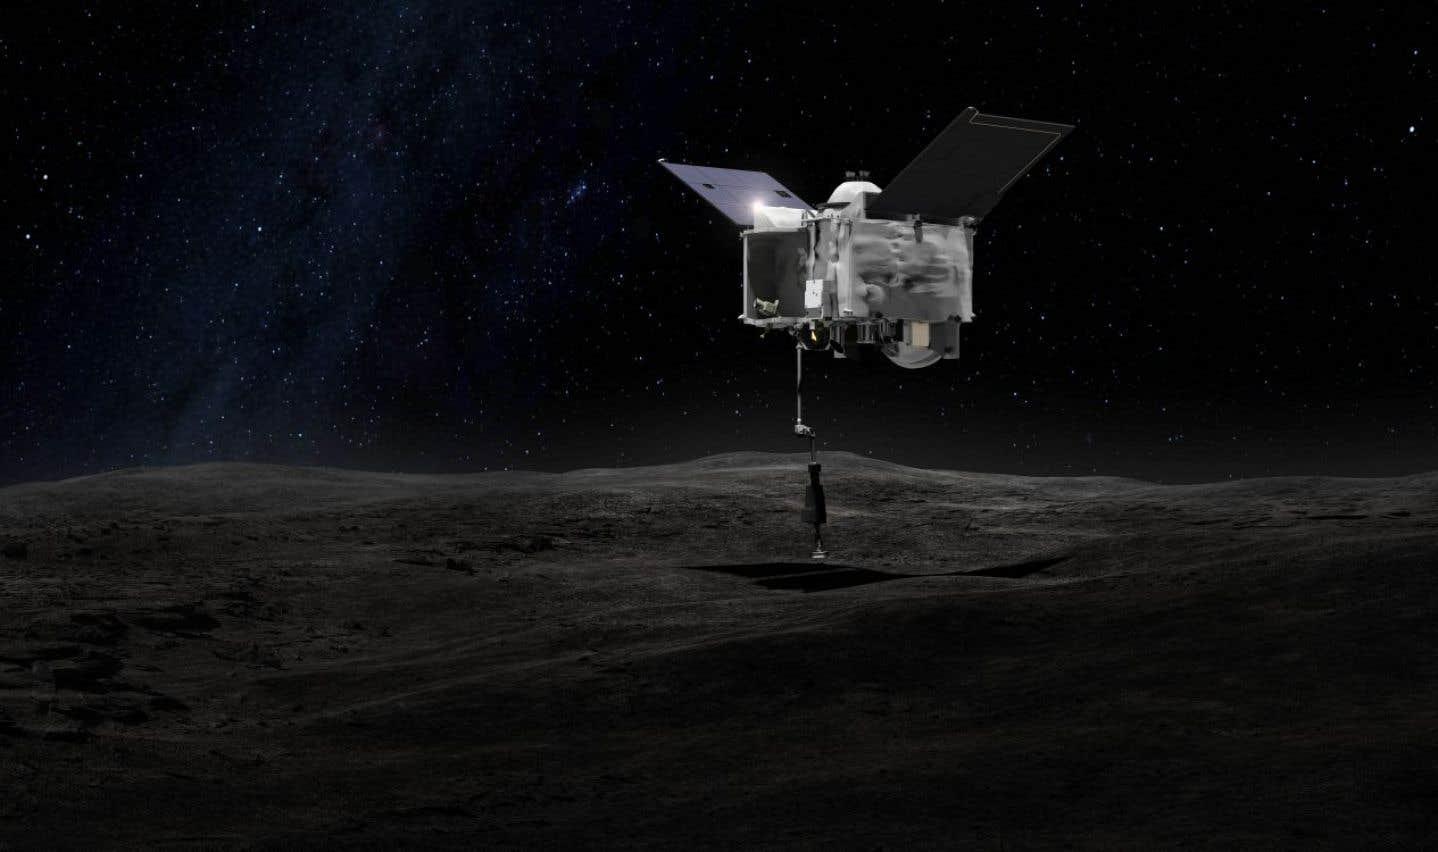 L'altimètre laser canadien OSIRIS-REx étudiera Bennu, un astéroïde susceptible d'entrer en collision avec la Terre vers la fin du XXIIe siècle.